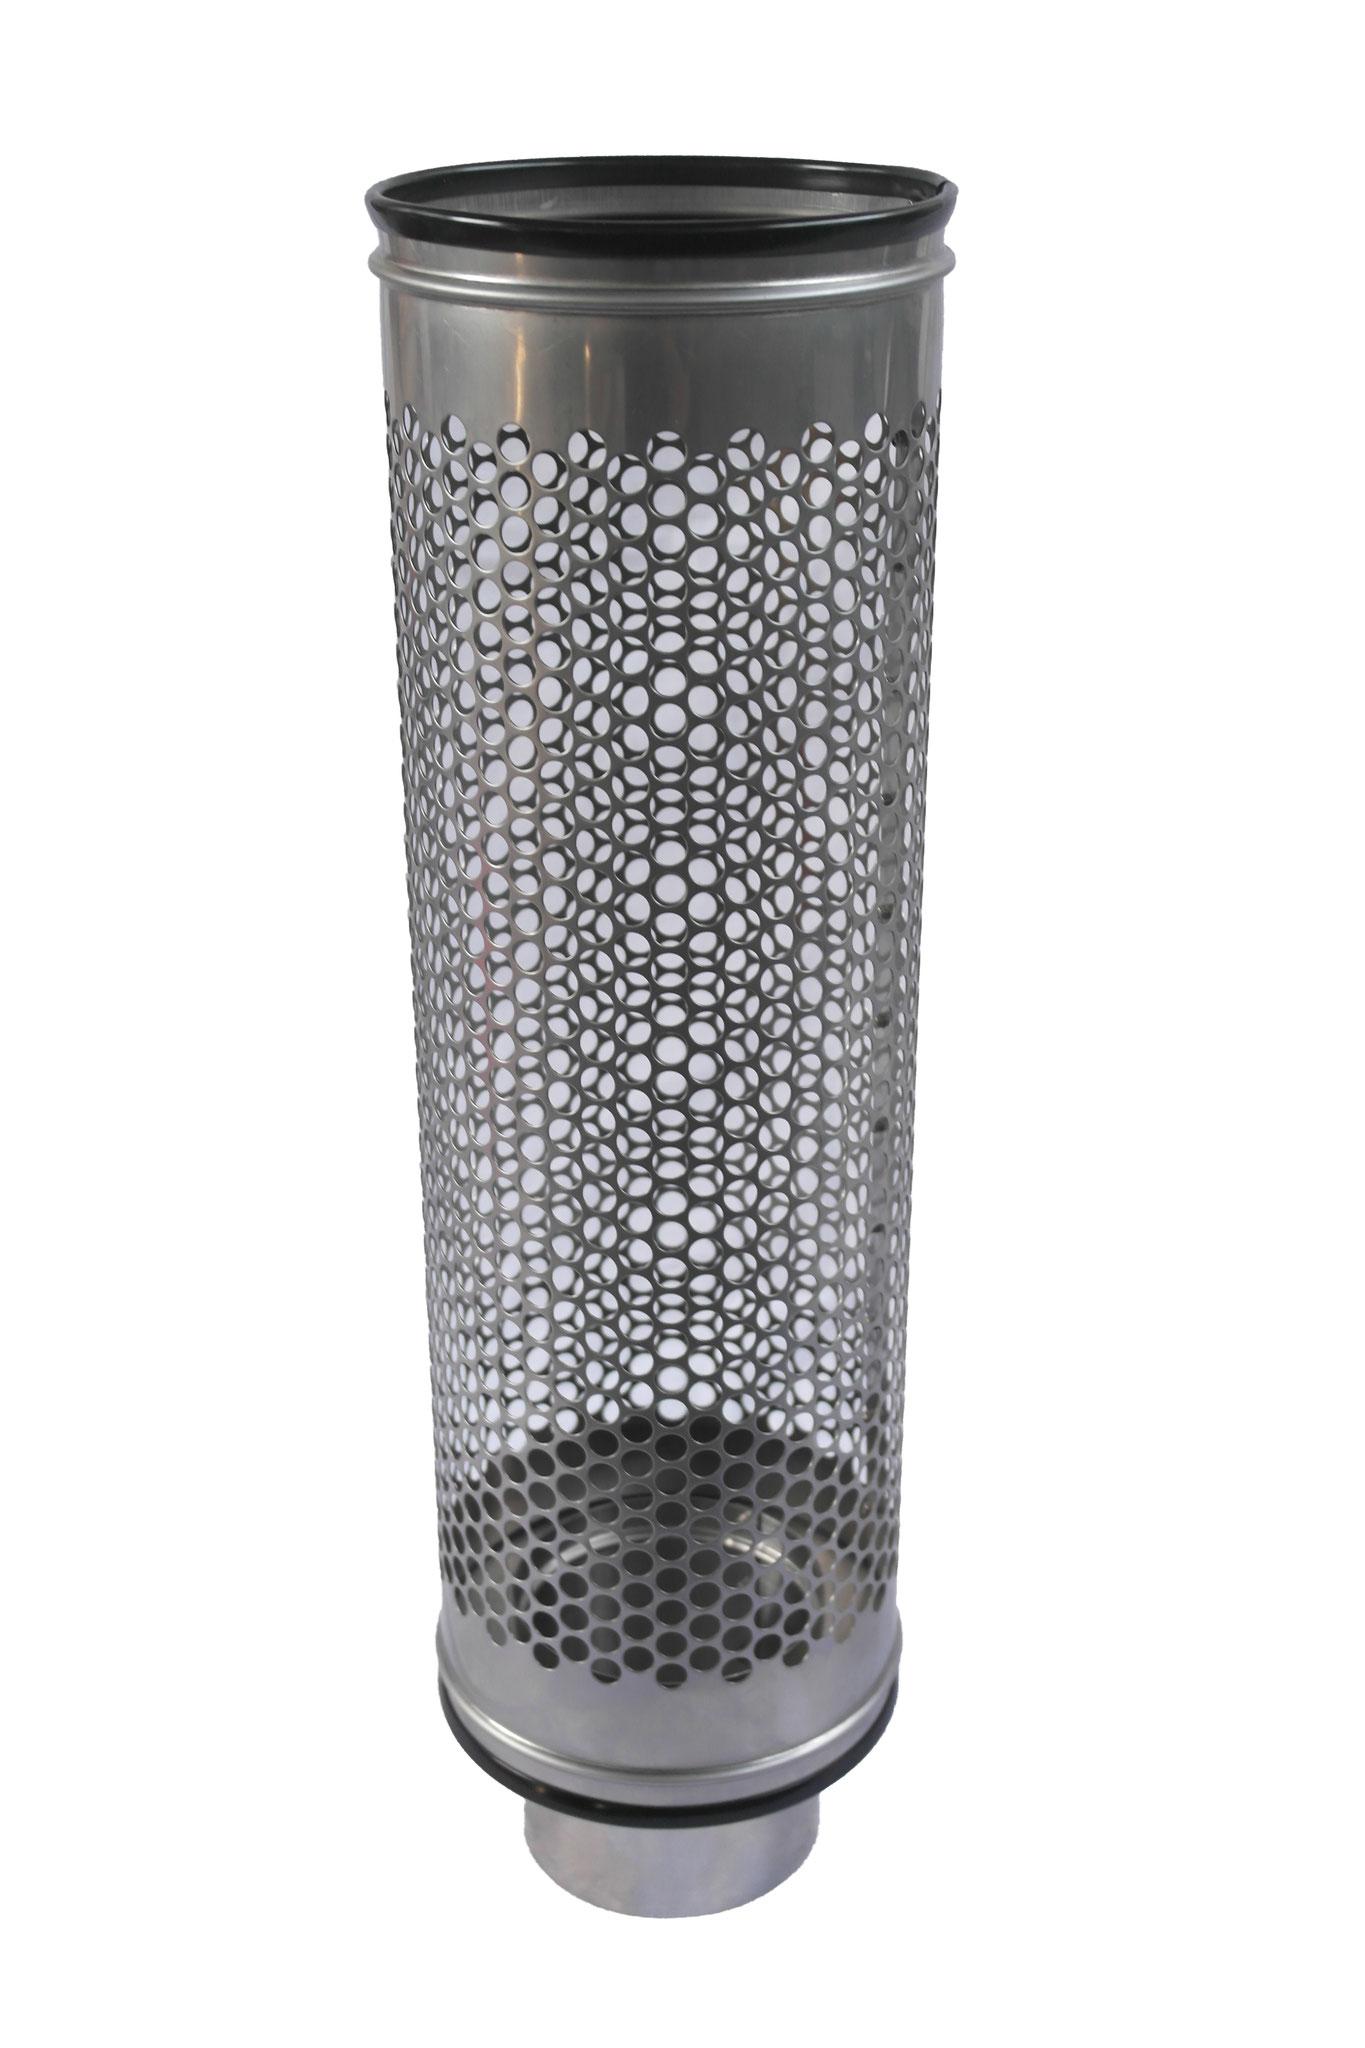 Siebrohr für 110 KG Rohr Reduziert von 160er Siebrohr einseitig verschlossen